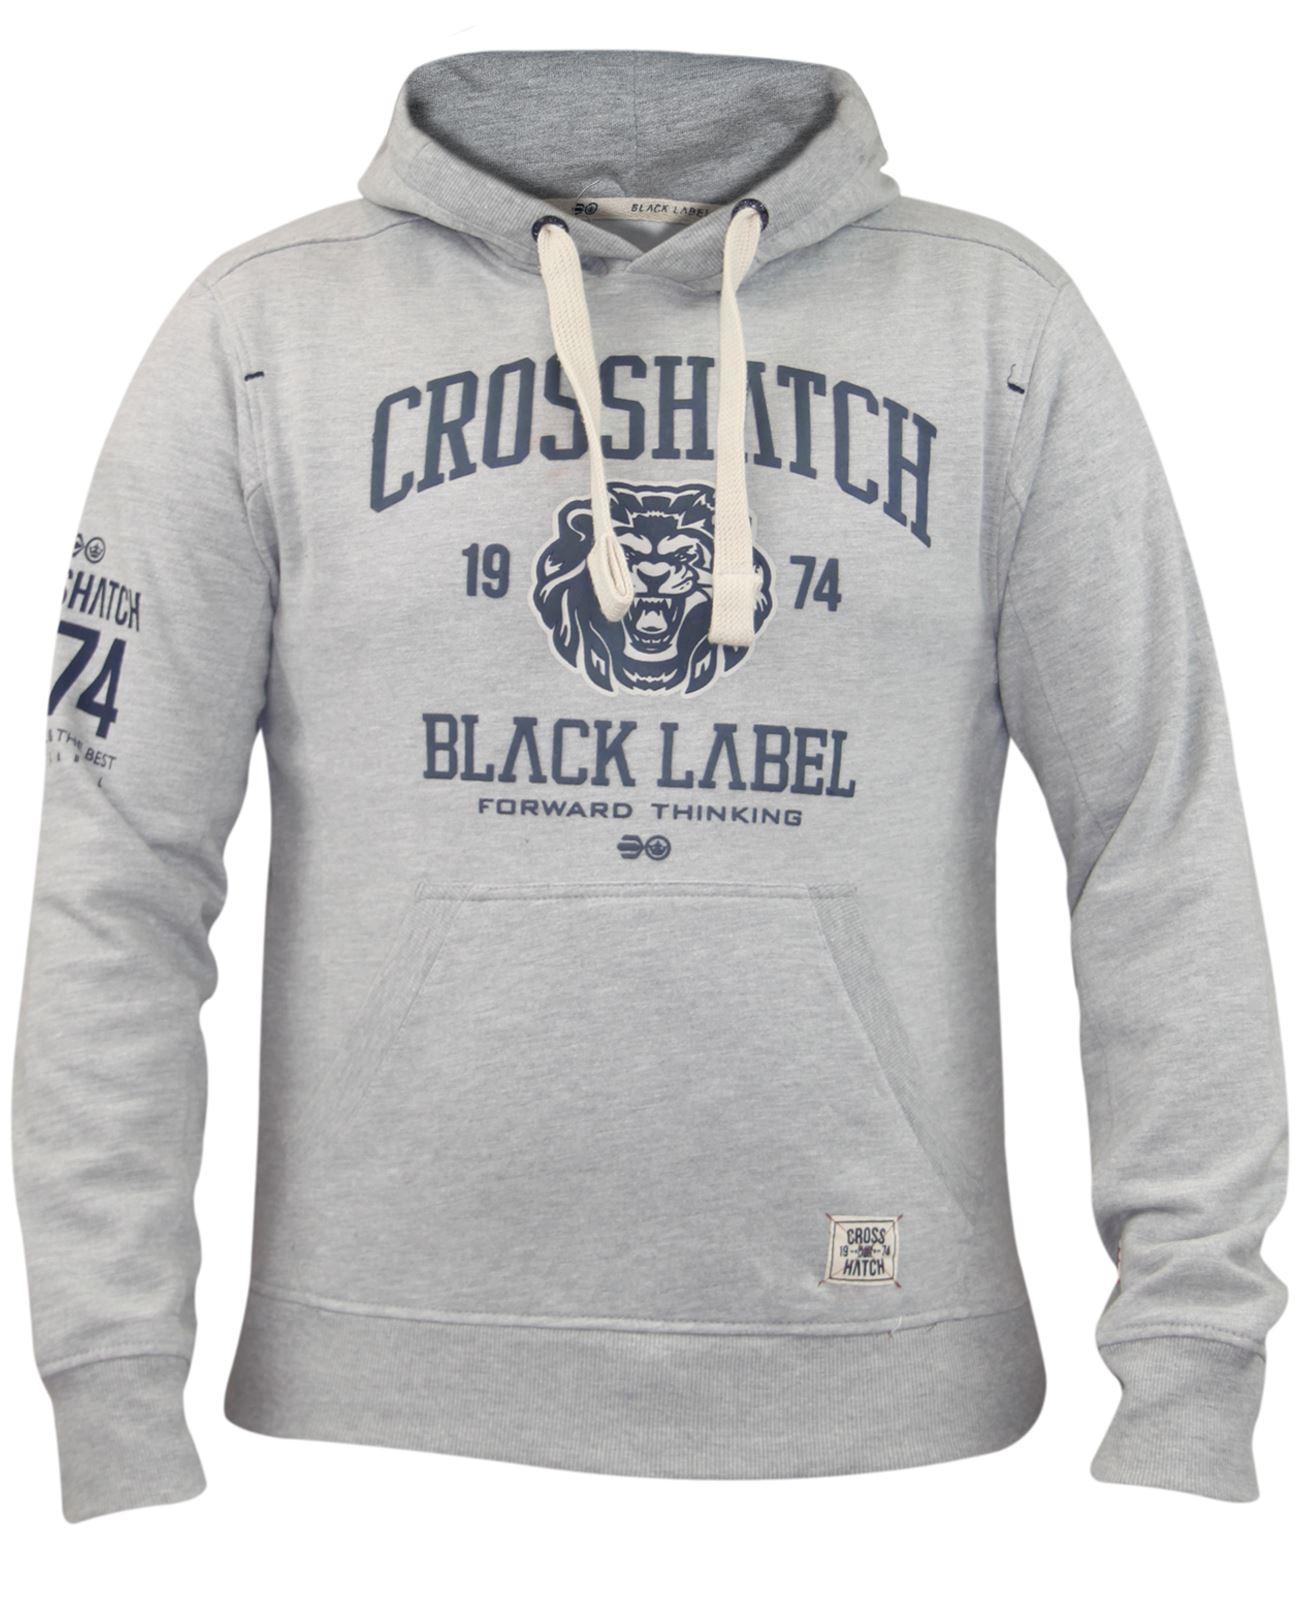 Mens-Crosshatch-Branded-Pullover-Printed-Hoodie-Sweatshirt-Hooded-Top thumbnail 6